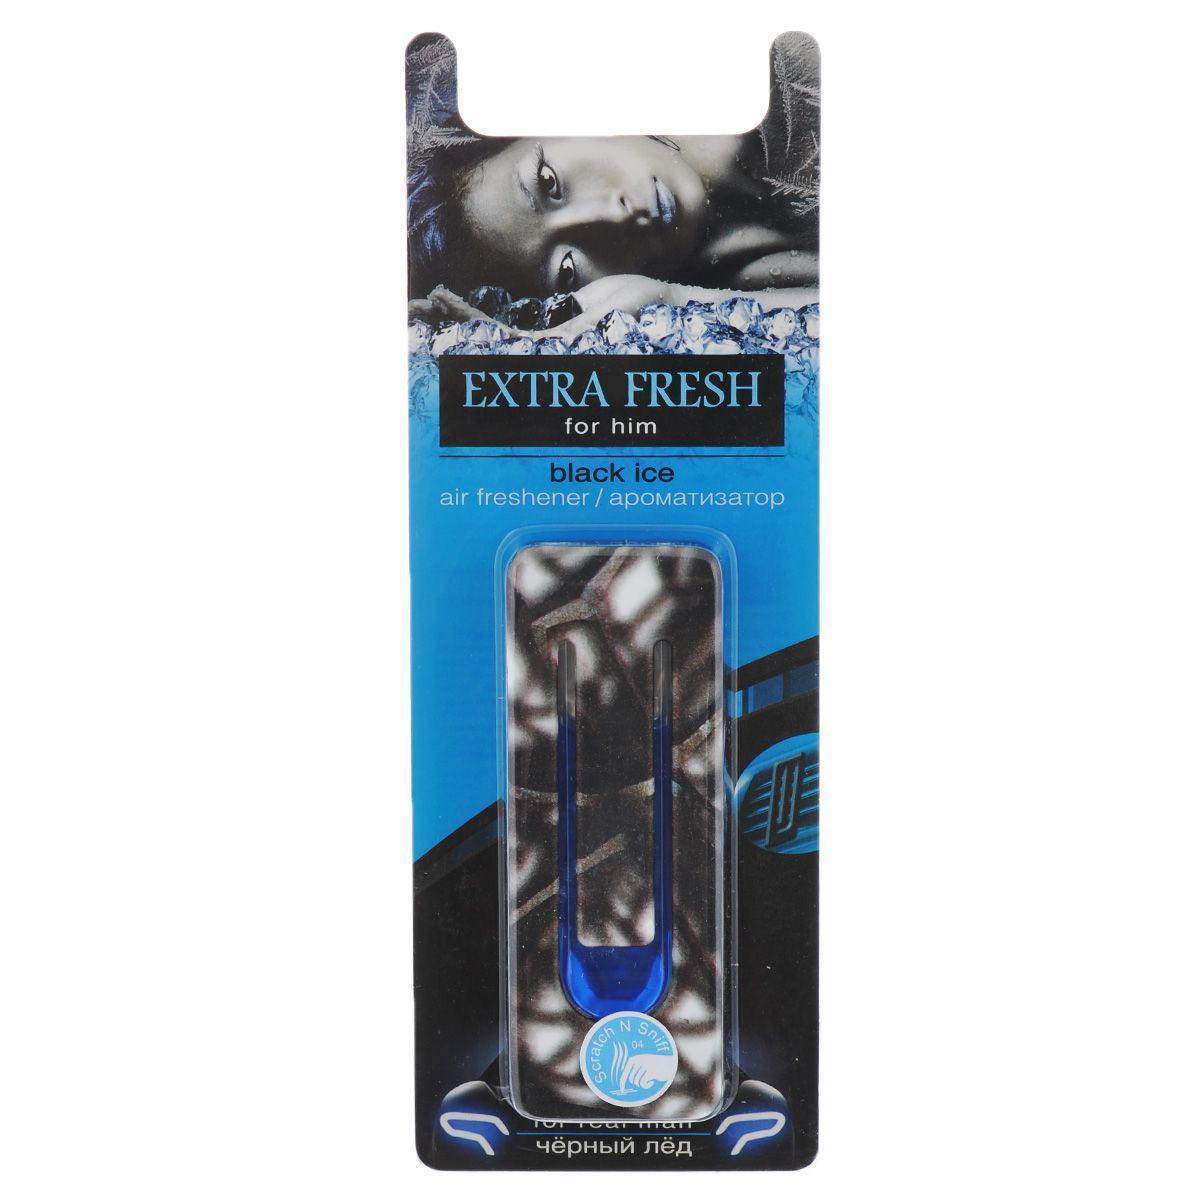 Ароматизатор для салона автомобиля Sapfire Extra Fresh. For Him, черный ледSAA-07892Мембранный мужской ароматизатор для салона автомобиля Sapfire Extra Fresh. For Him имеет приятный аромат. Ароматизатор, выполненный из пластика, предназначен для автомобиля, а также для небольших помещений. Extra Fresh - новое поколение концентрированных ароматизаторов. Парфюмерная композиция произведена в Японии. Обеспечивает стойкий насыщенный аромат и стойкий запах. Состав: пластик, парфюмерная композиция высокой концентрации, стабилизатор. Размер ароматизатора: 9 см х 3,5 см х 1,5 см.